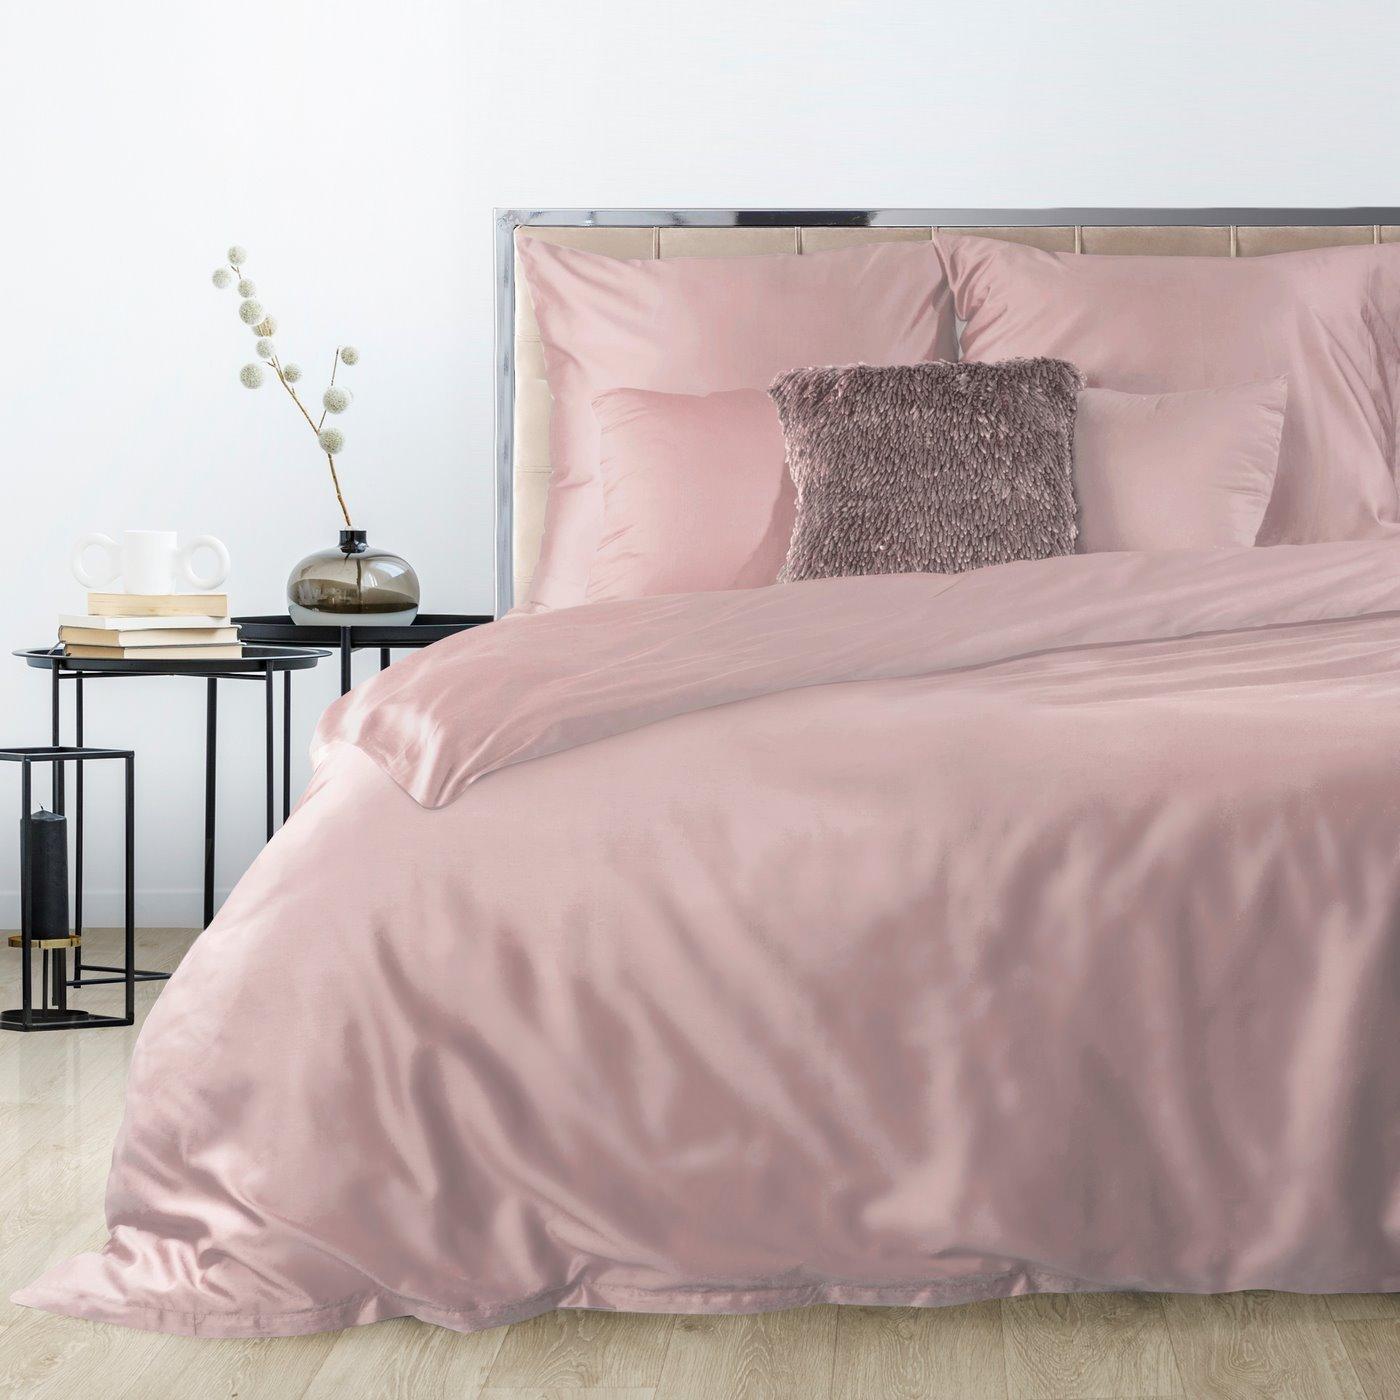 Komplet pościeli z makosatyny bawełnianej 180 x 200 cm, 2szt. 70 x 80 cm, pudrowy róż